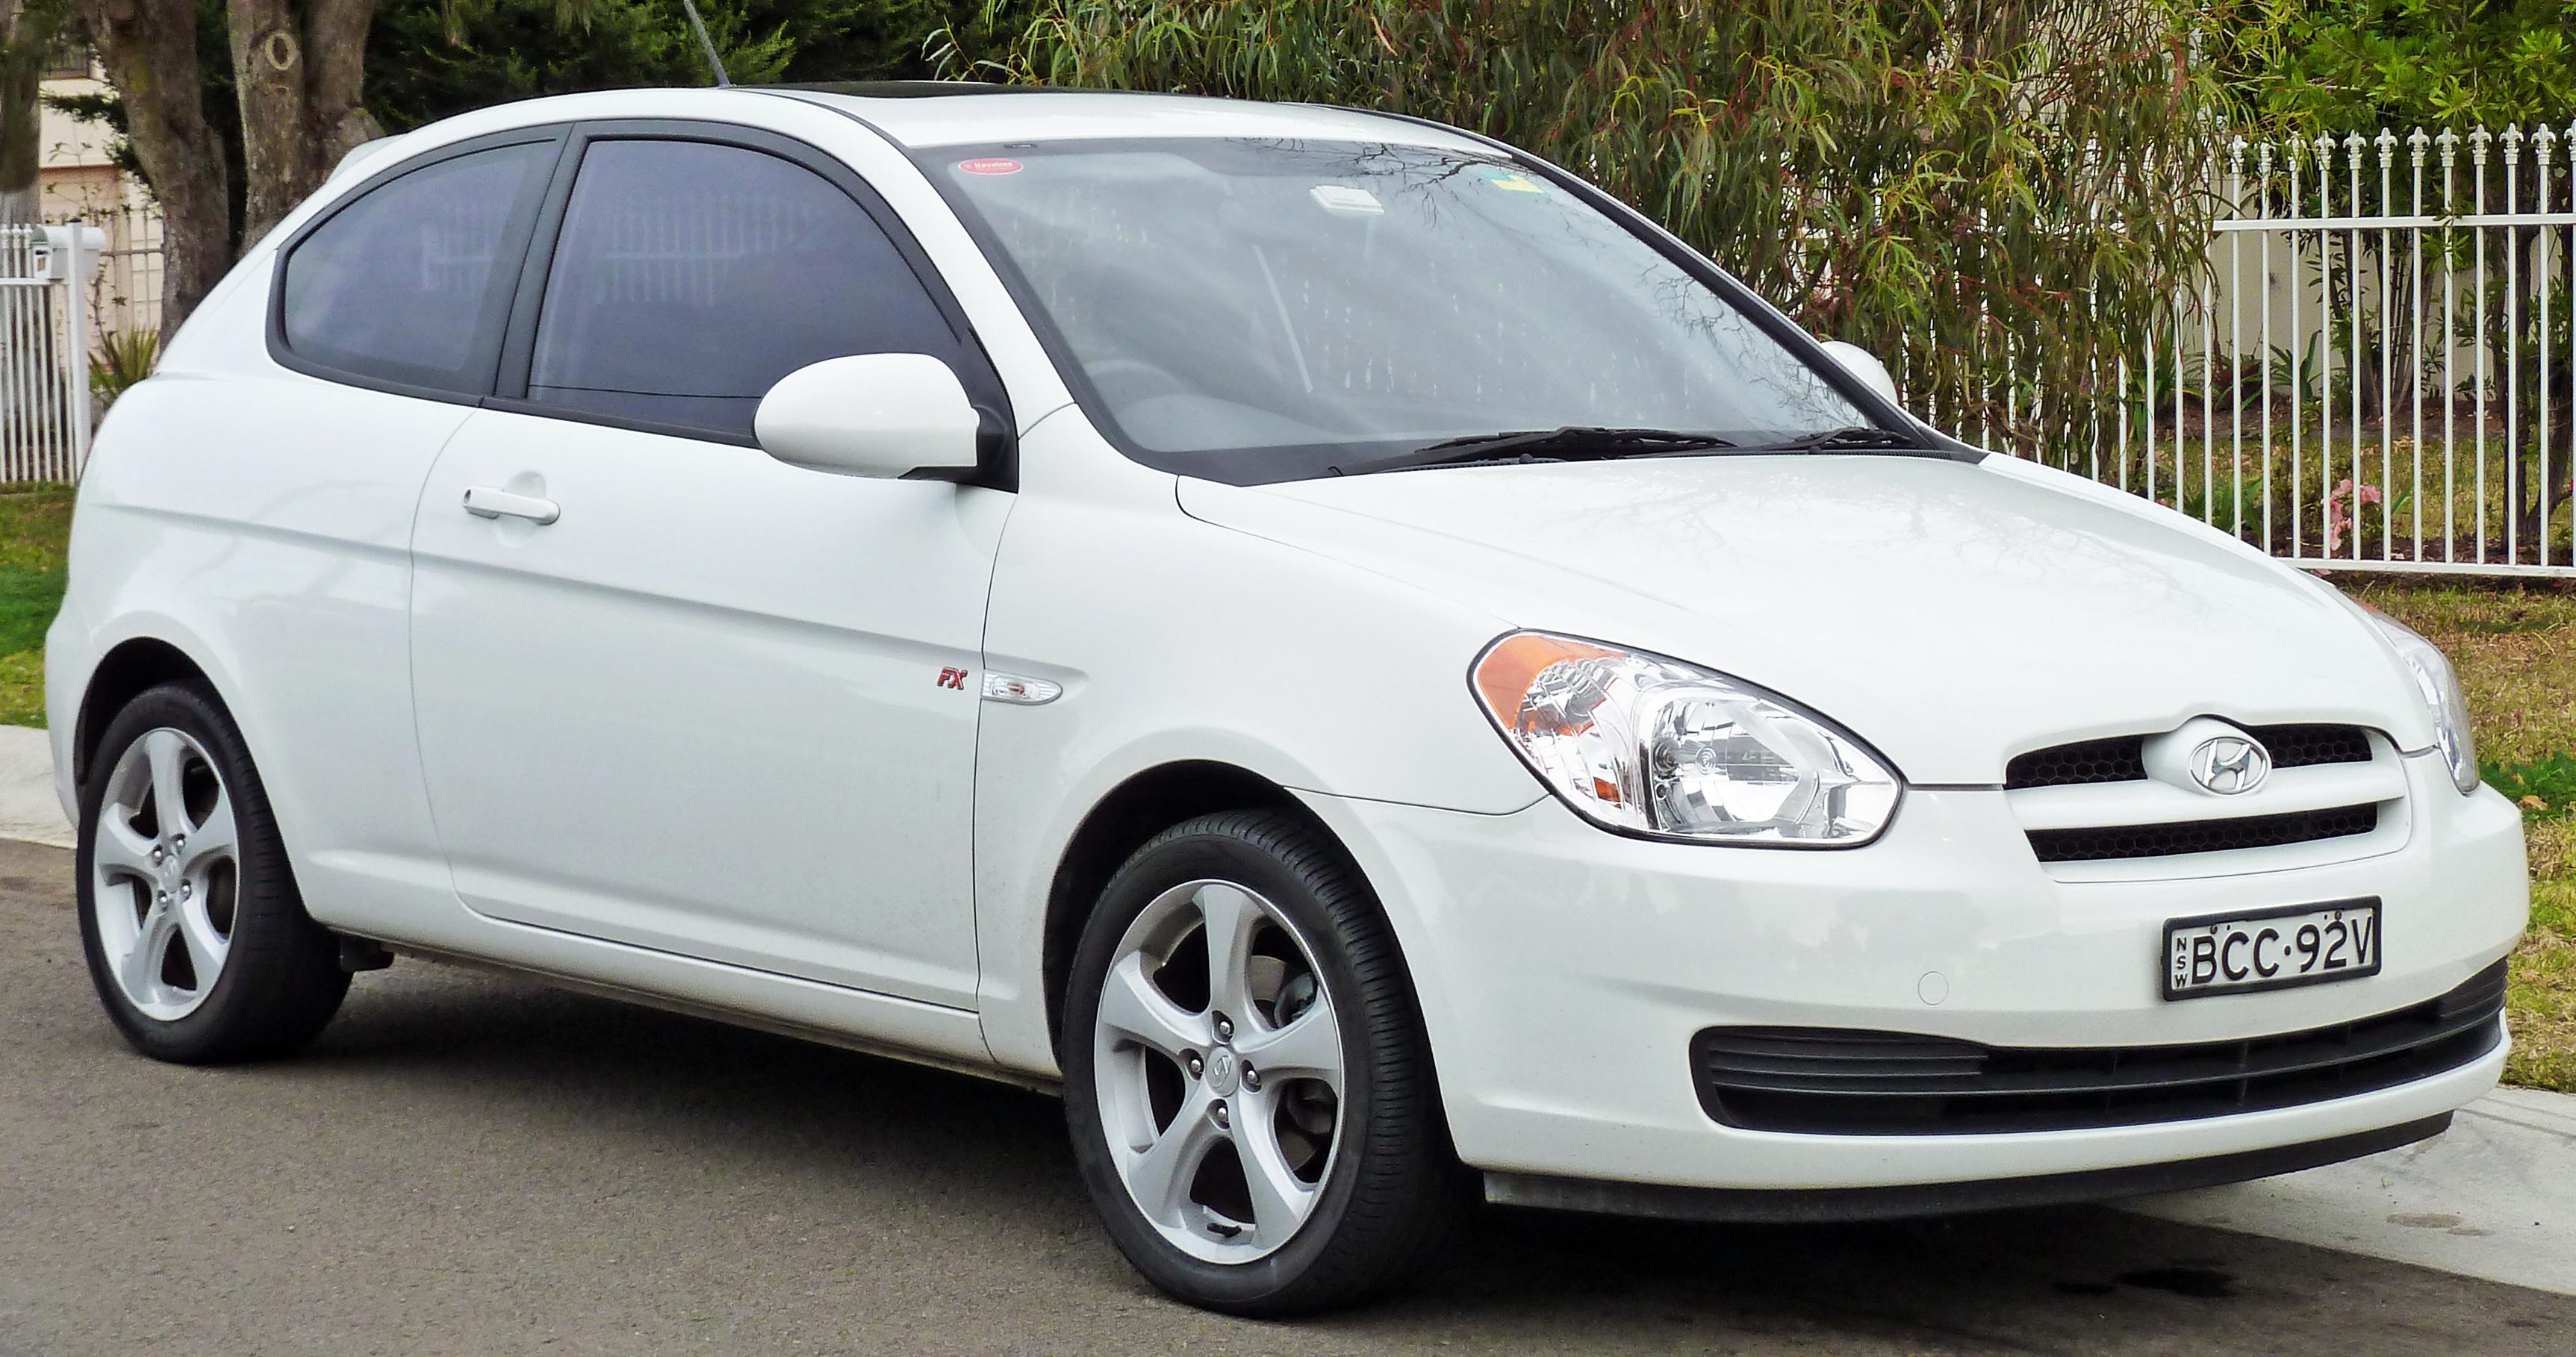 Description 2006-2007 Hyundai Accent (MC) FX Limited Edition hatchback ...